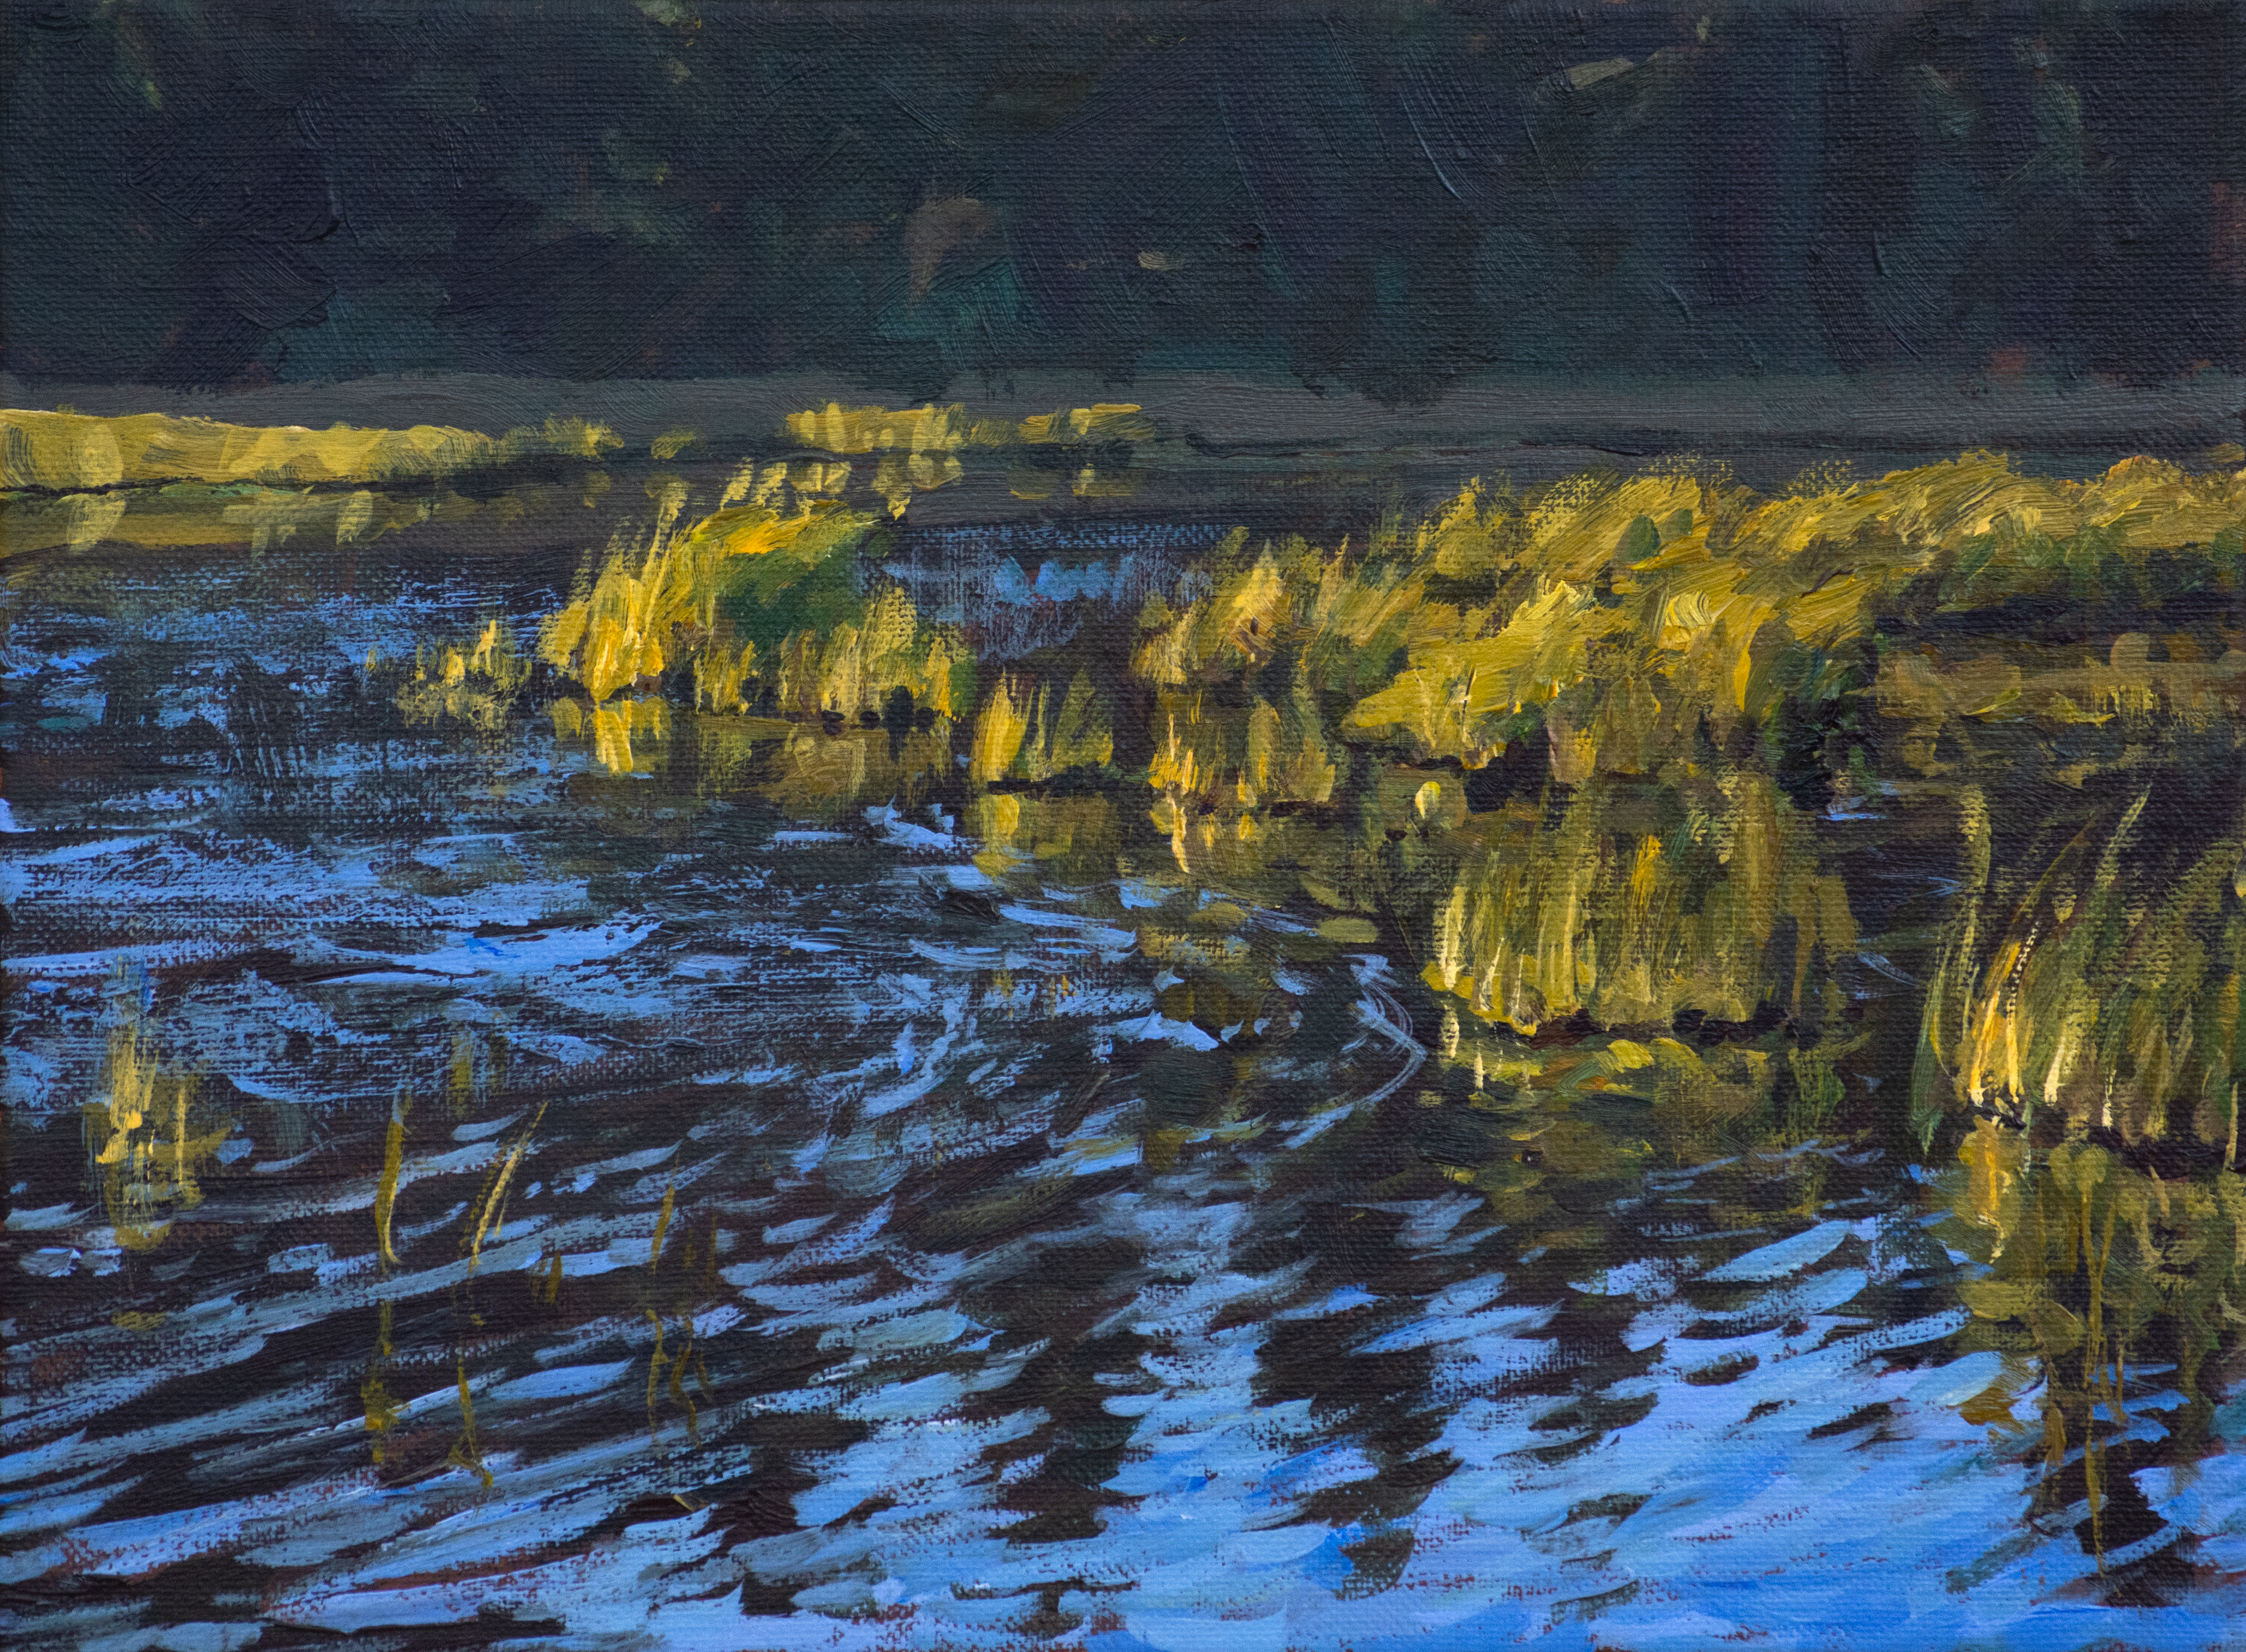 Glowing Marshland